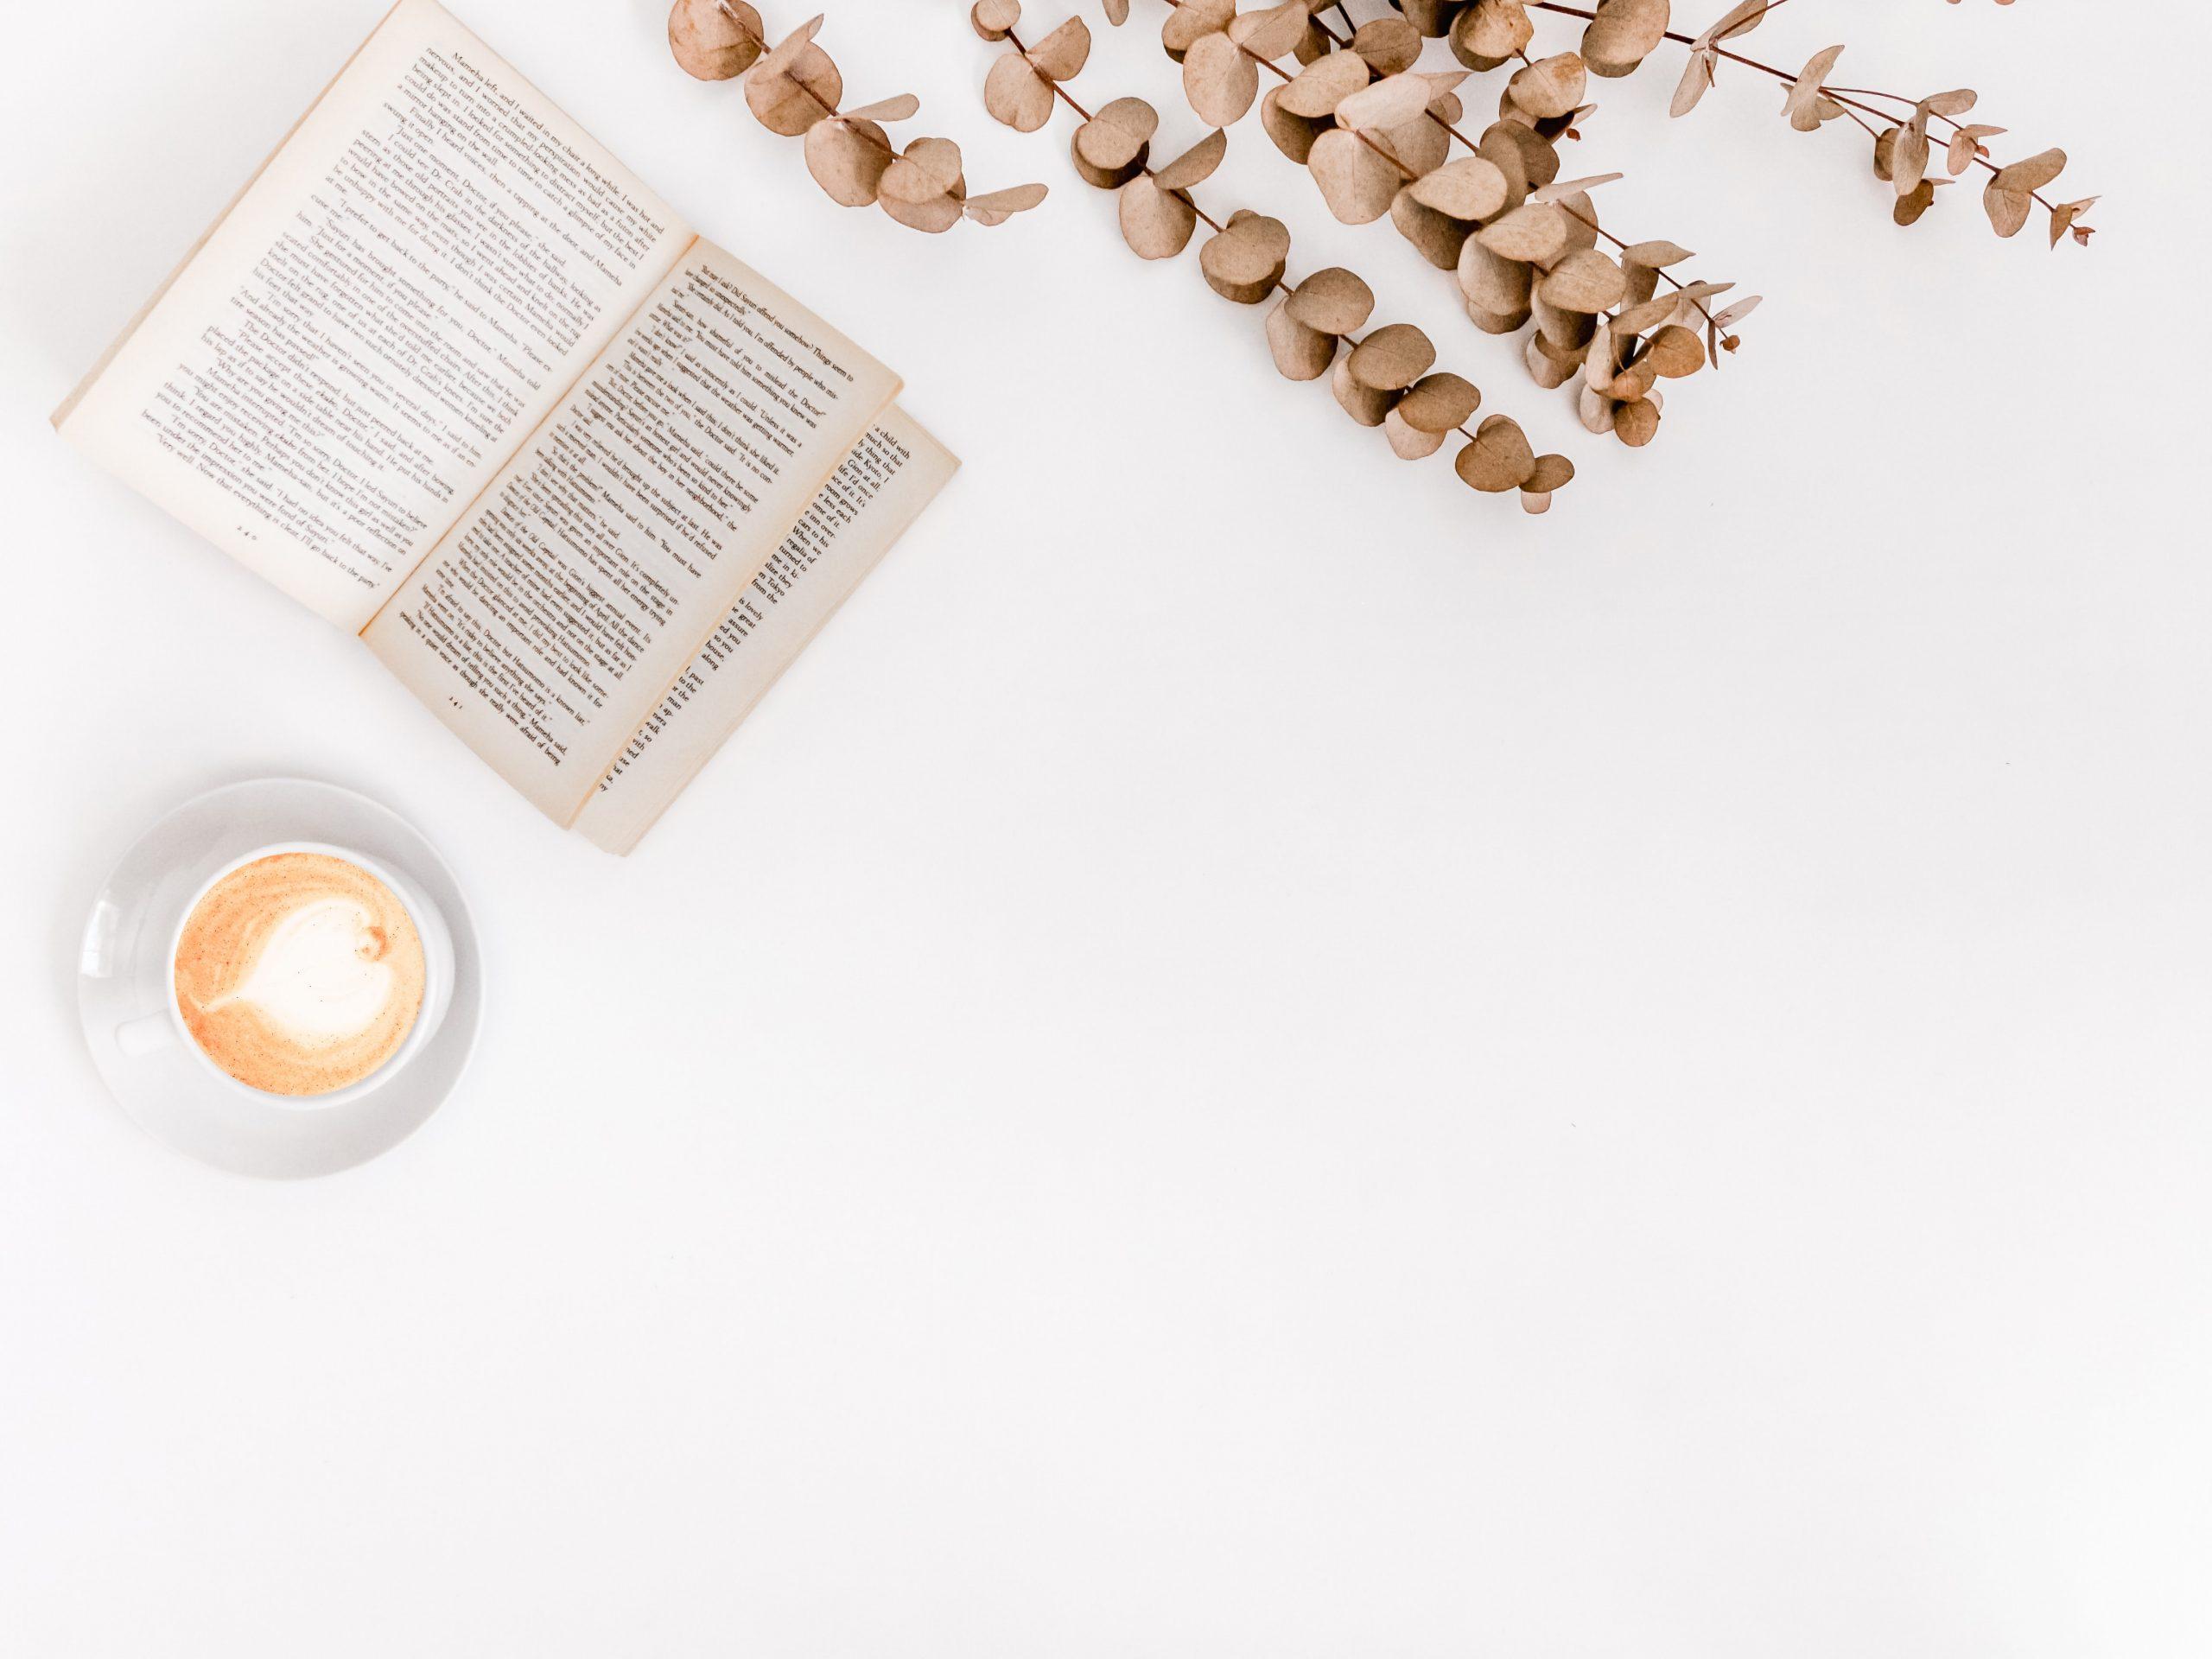 Leestip boeken over minimalisme en ontspullen